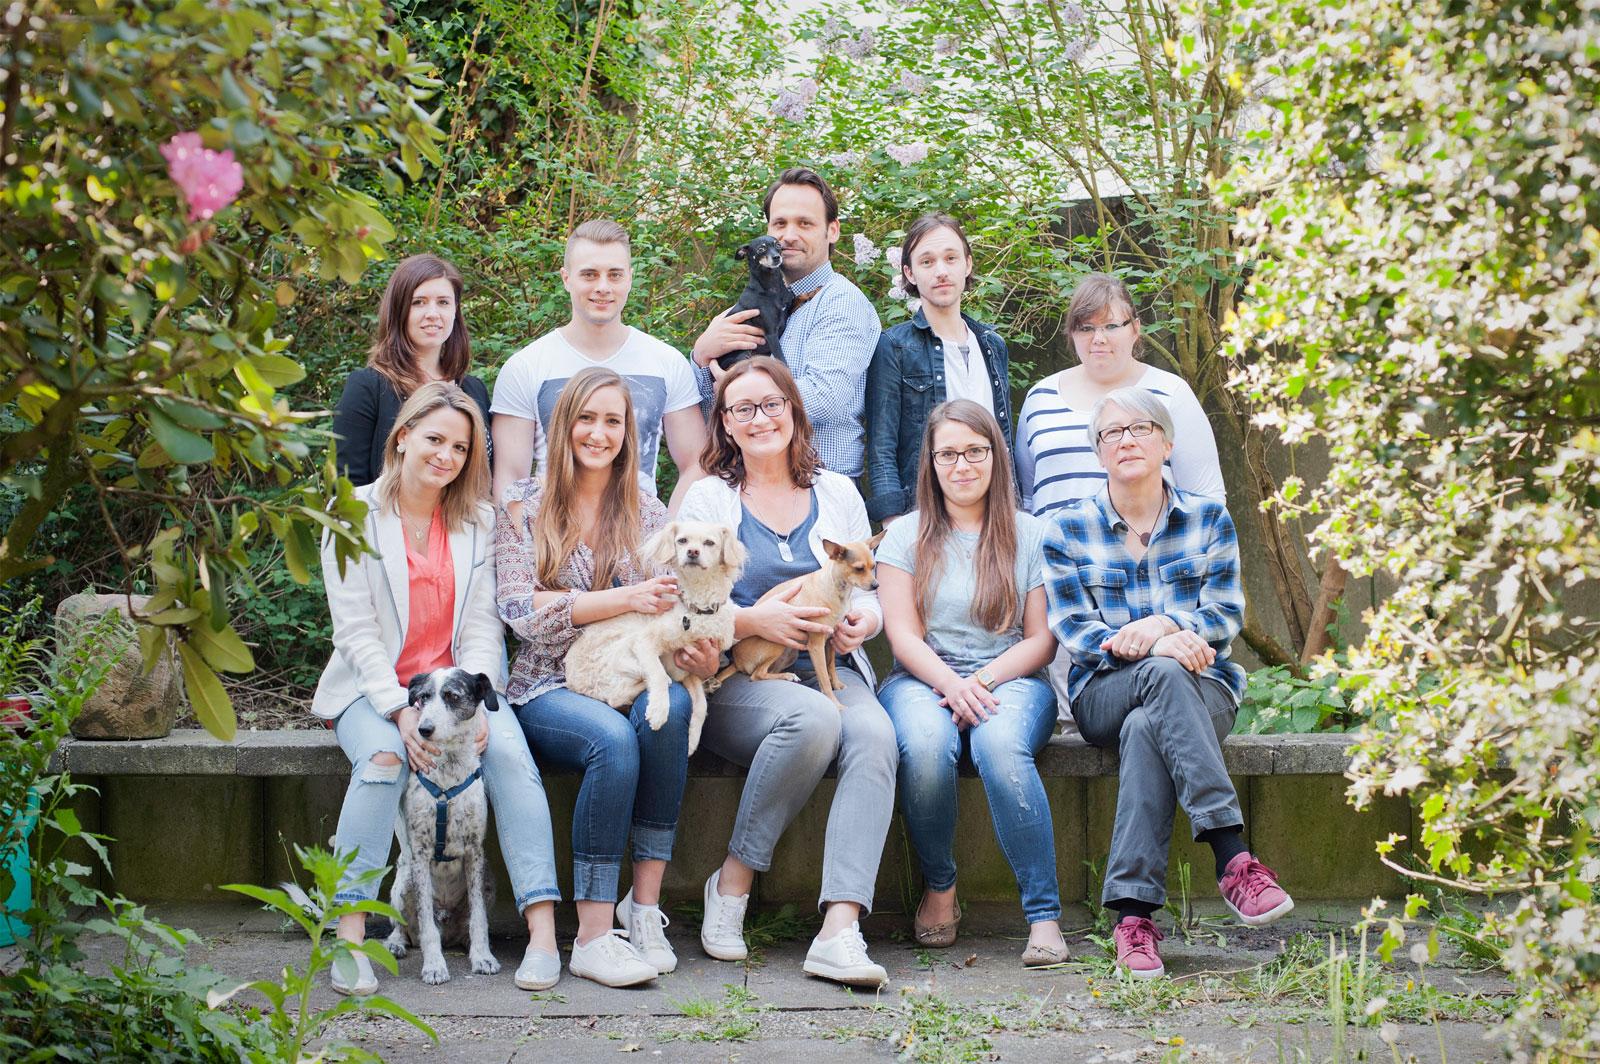 Tierschutz-shop.de - Tierschutz ohne Grenzen